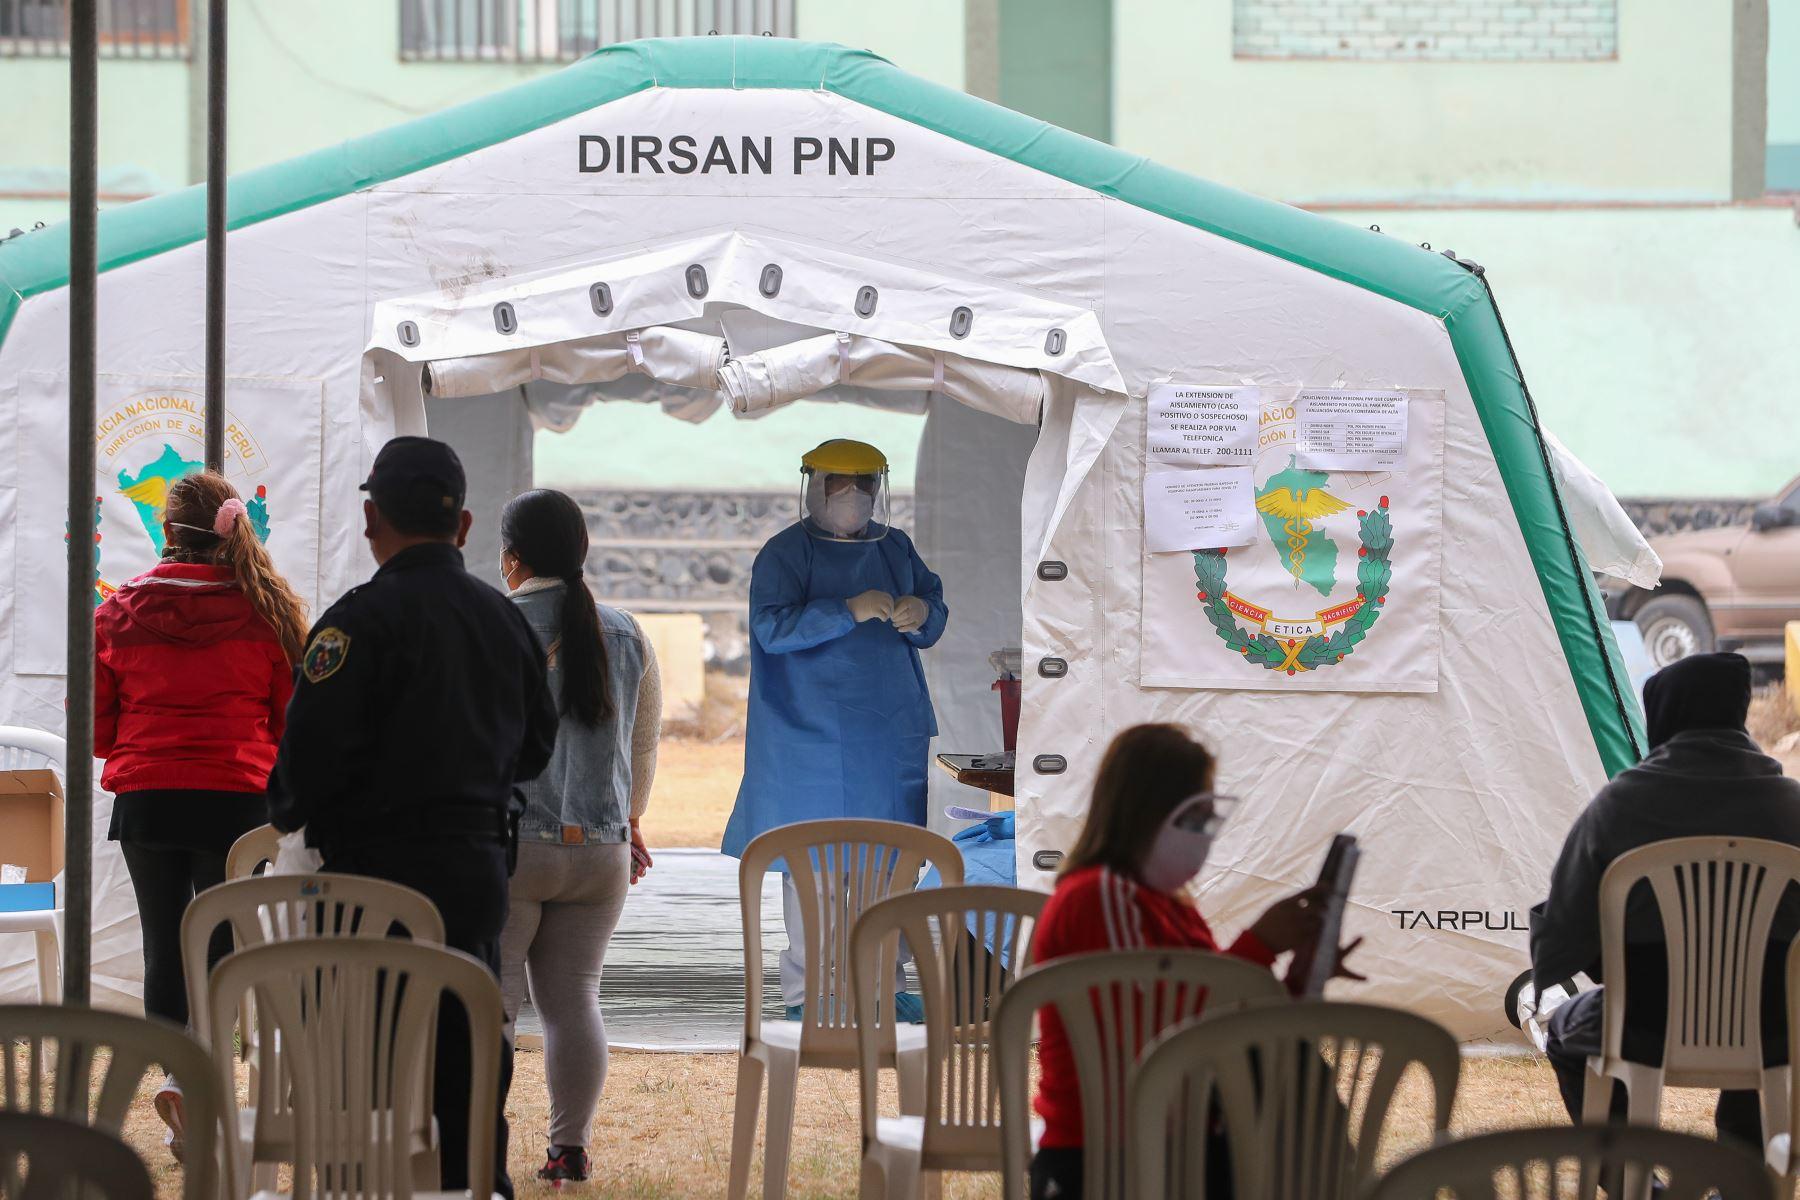 Presidente Martín Vizcarra visita Hospital de Campaña de la PNP, donado por la empresa privada. Foto: ANDINA/Prensa Presidencia